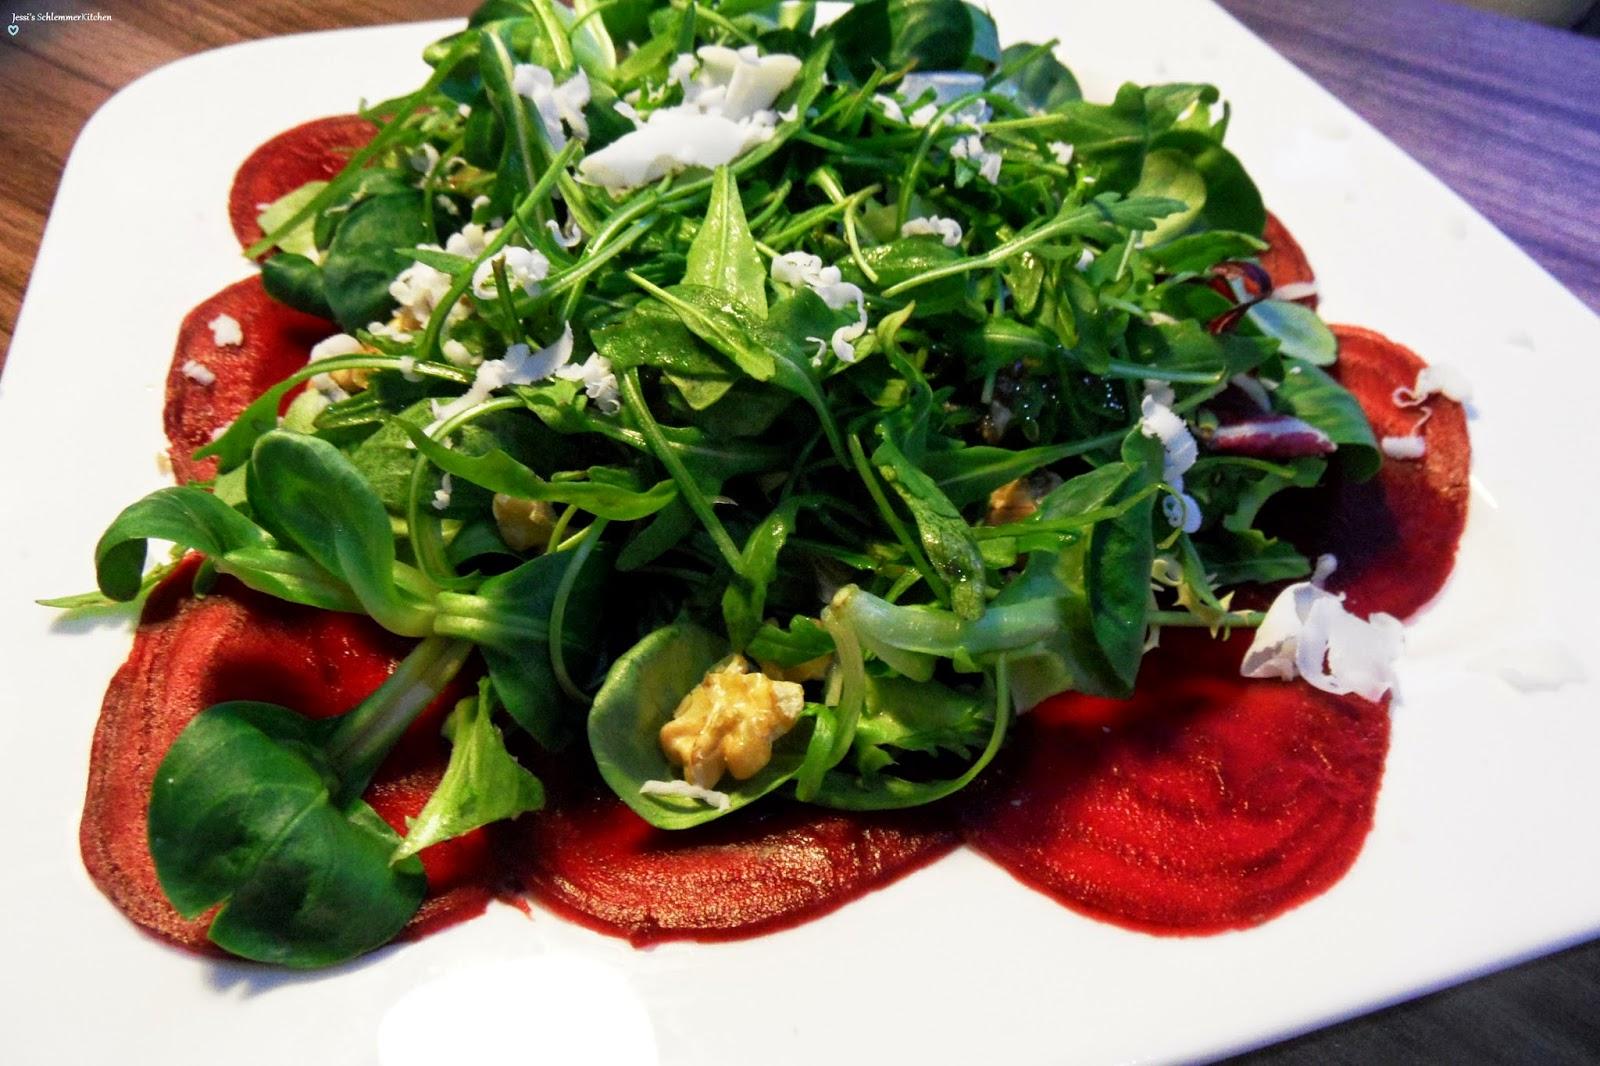 Rote-Bete:Rote-Bete-Carpaccio-Salat-Walnüsse-Ziegenkäse